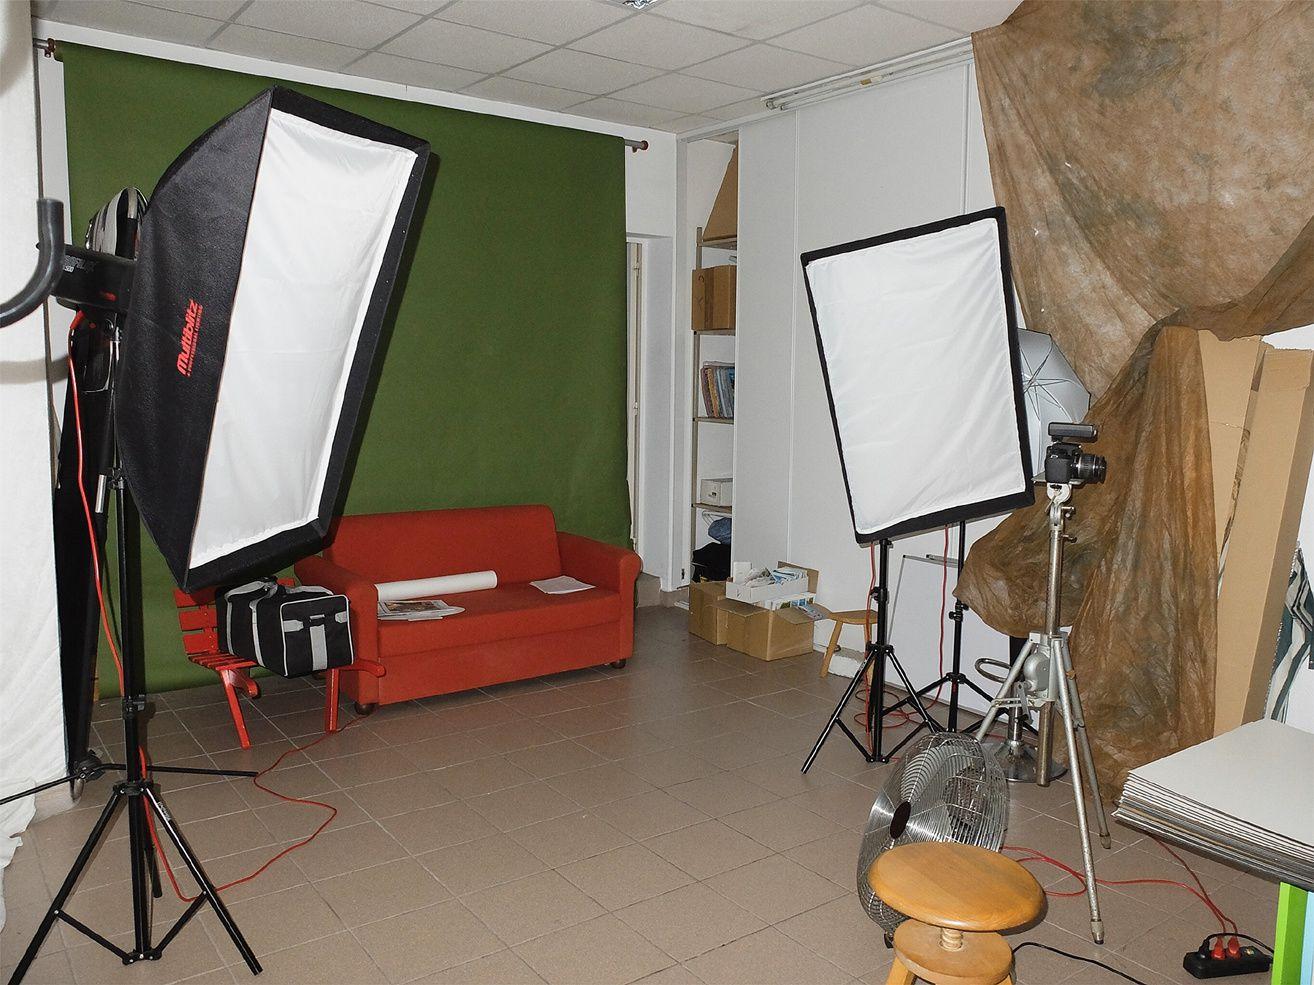 les dernières photos de studio on été faites respectivement à : 12800, 6400, 3200, 1600, 800, 400 et 200 iso